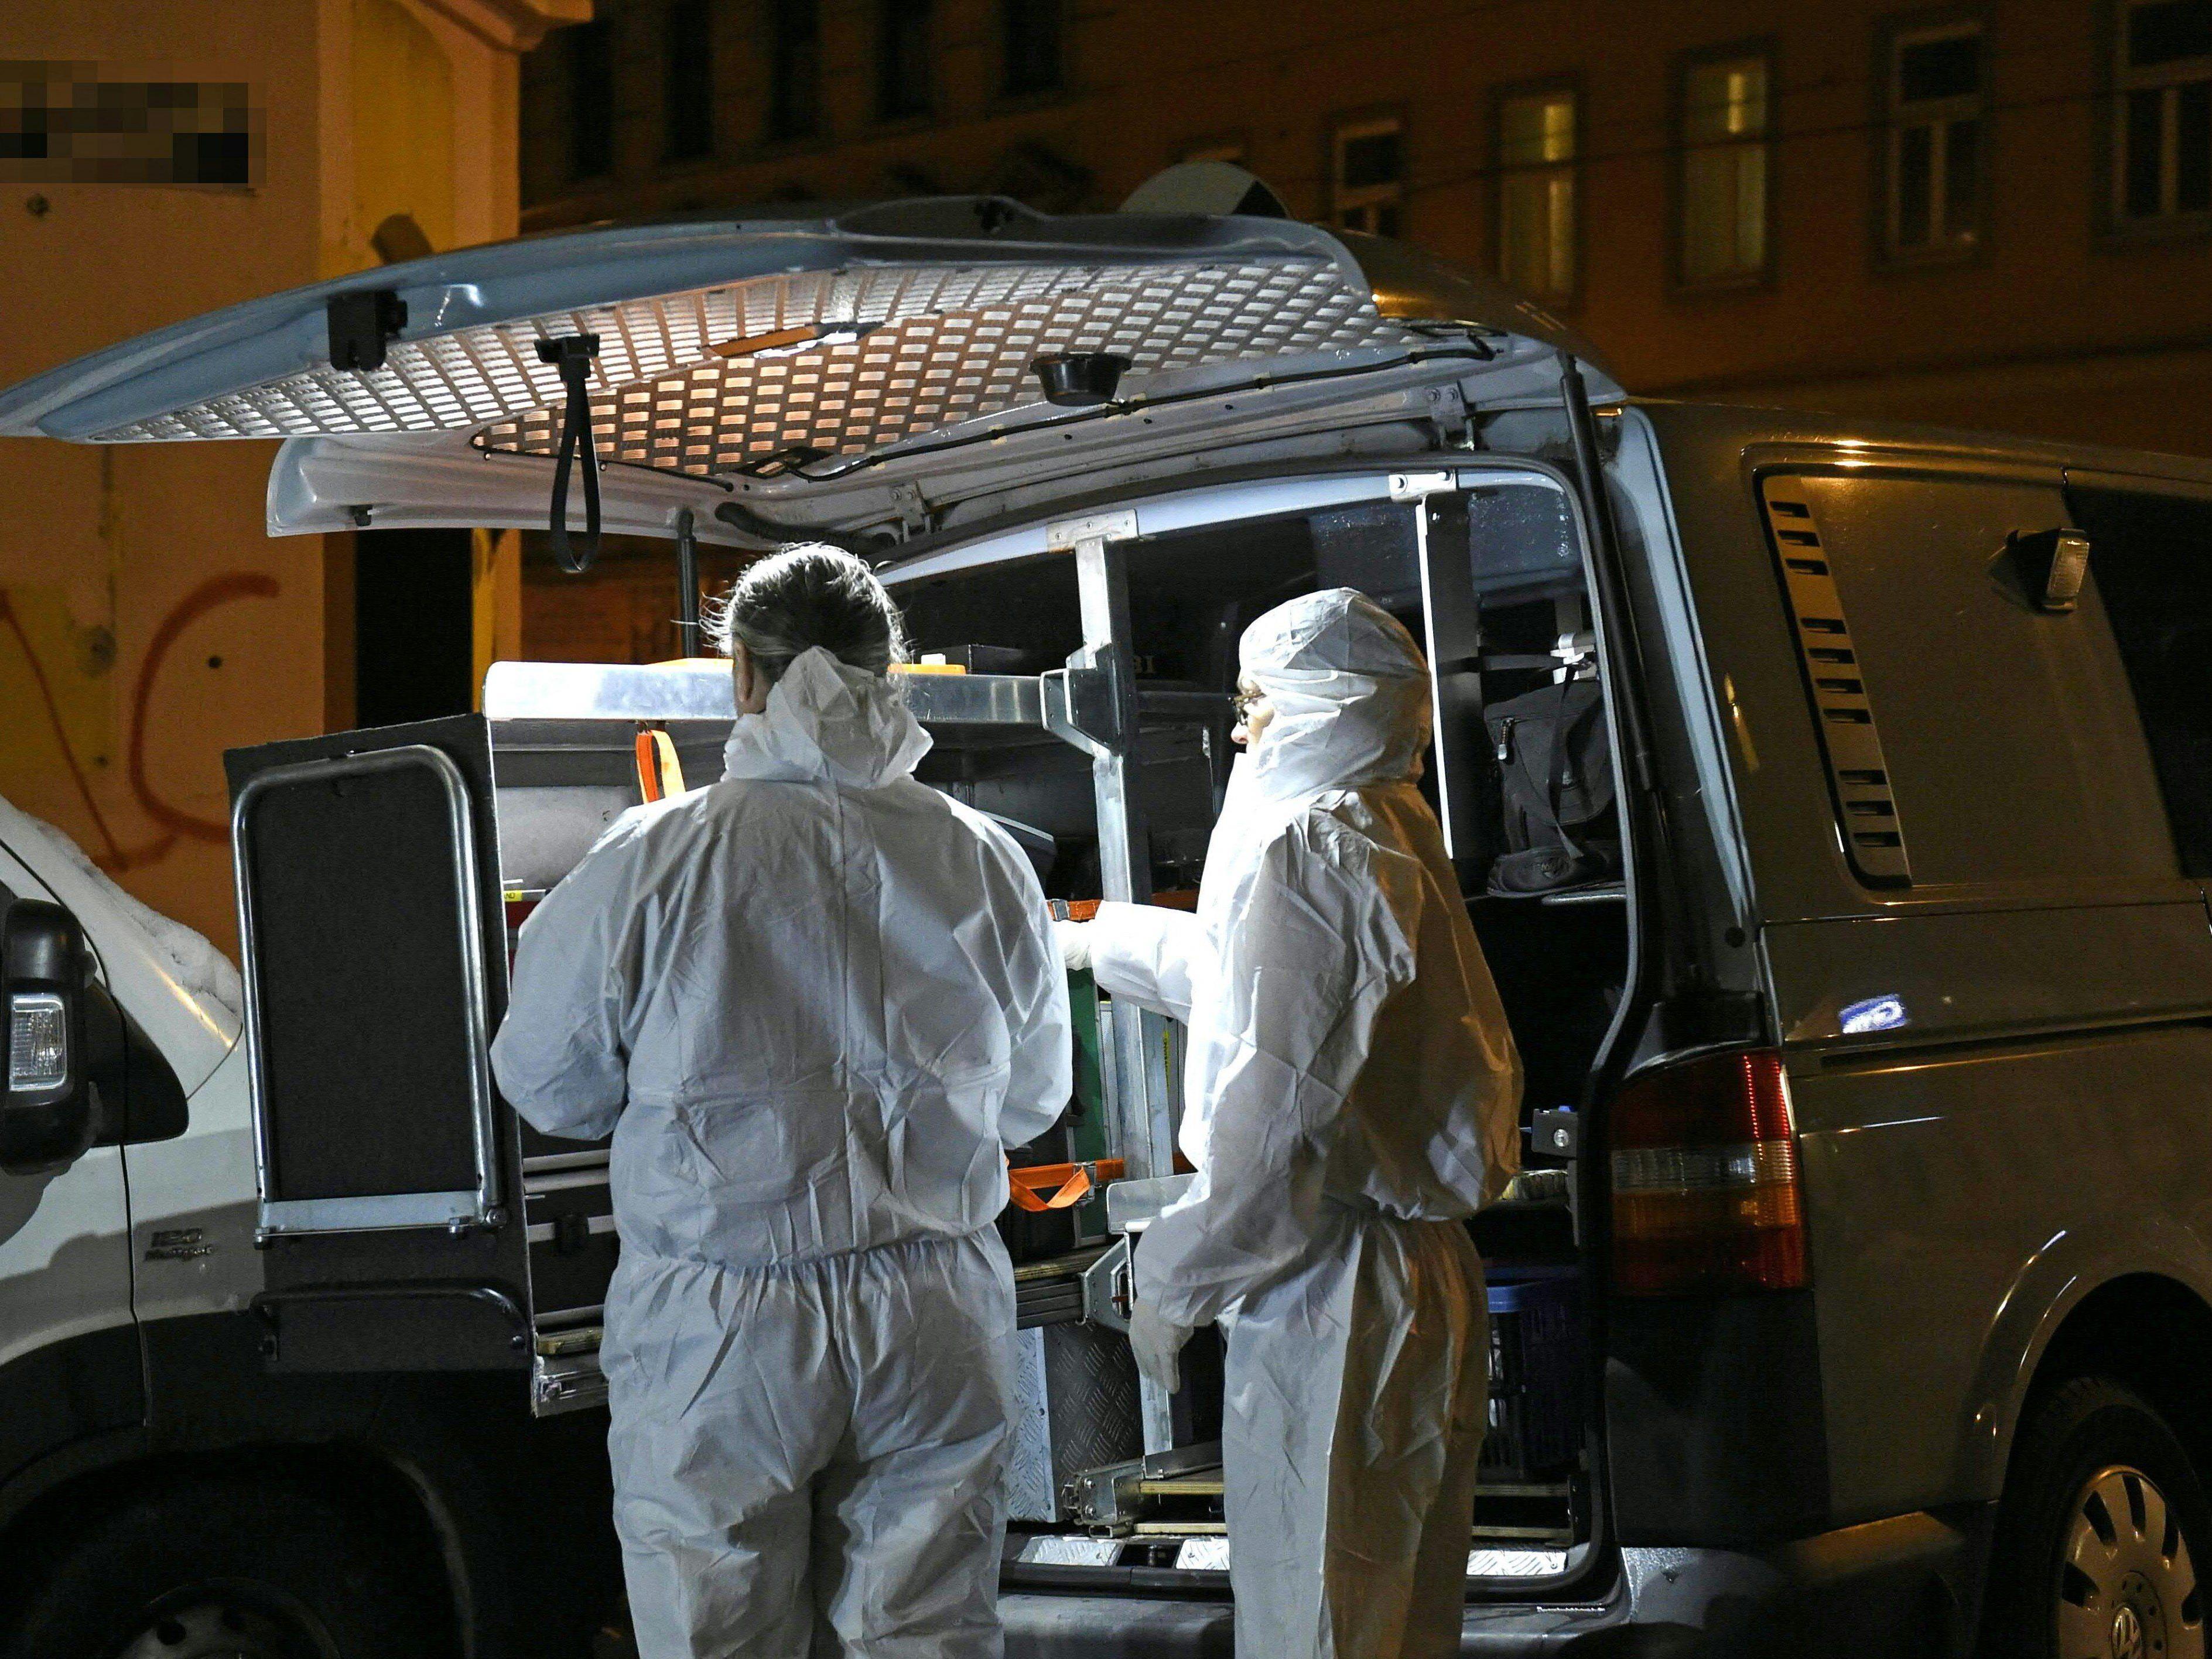 Leiche in Wien-Ottakring gefunden: Toter wies Spuren am Hals auf